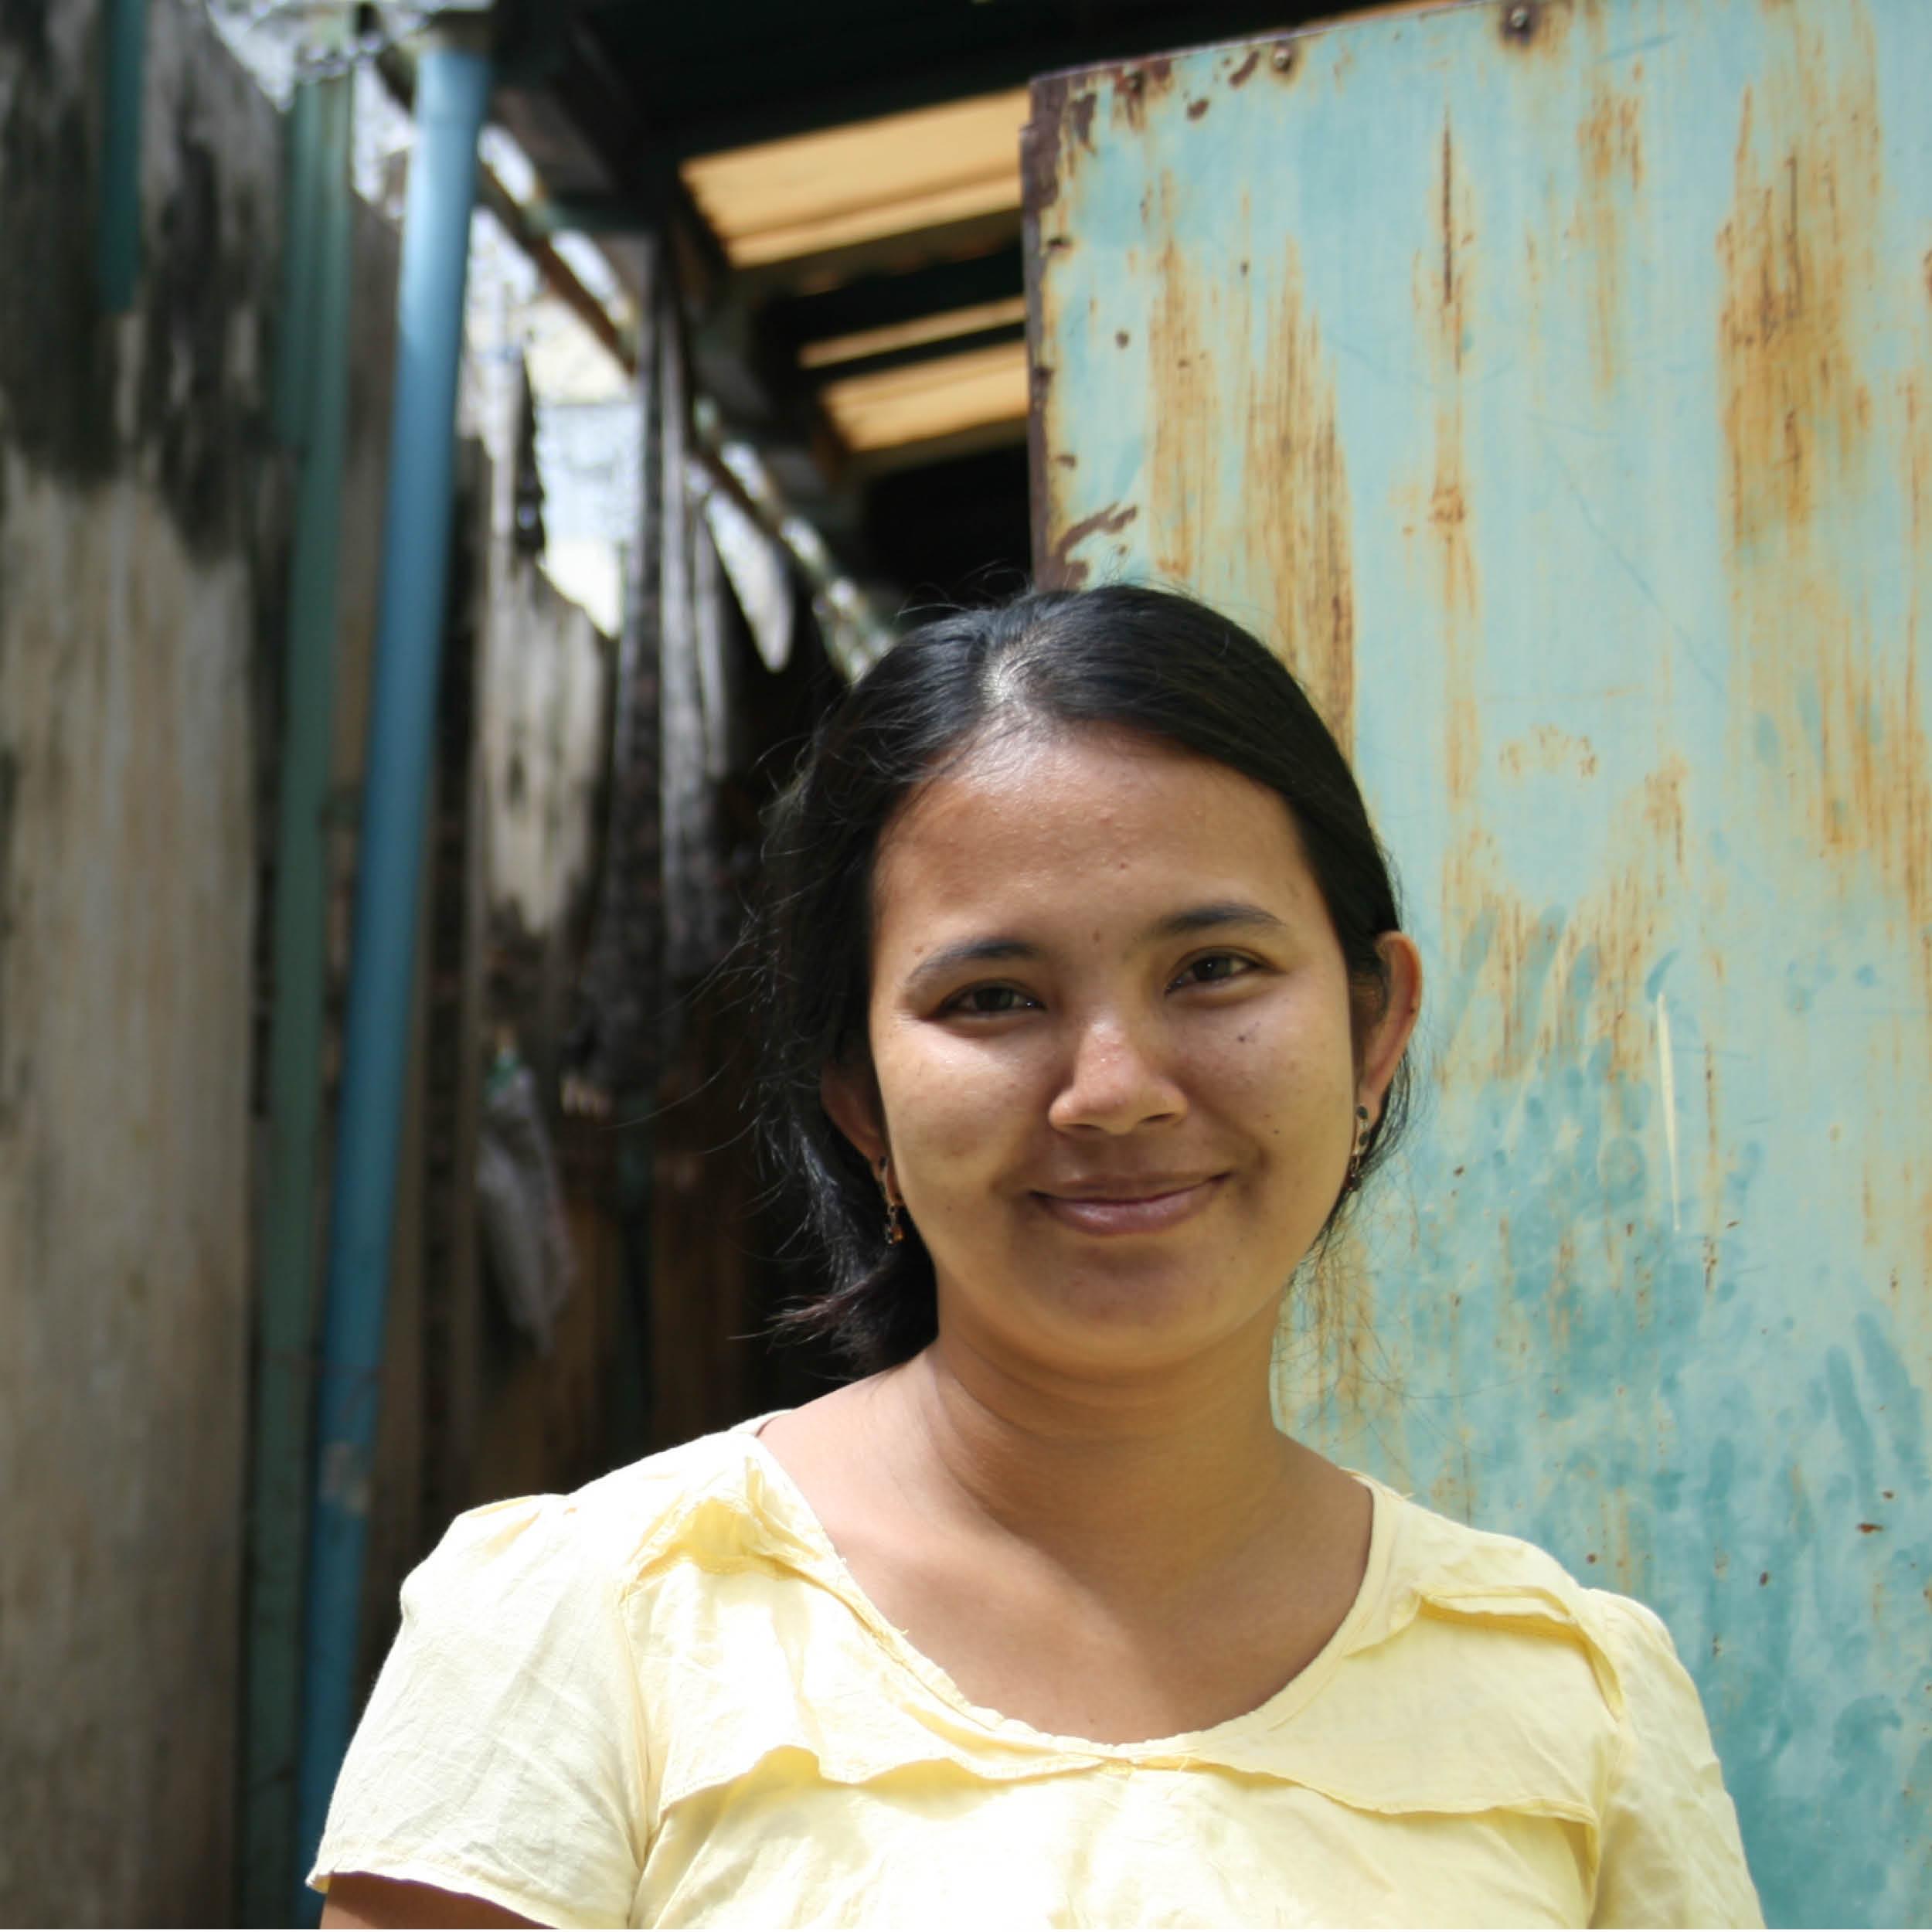 NÄHERIN    HERKUNFT: Prey Veng, Kambodscha  Alter: 45  ♥ FARBE: pink   Ich bin Mom Sreyneth. Mein Name hat keine spezielle Bedeutung. Ich bin in der Provinz Prey Veng aufgewachsen zusammen mit meinen zwei Schwestern und fünf Brüdern. Ich habe einen jungen Sohn. Ich bin eine Näherin und ich mag es sehr gern! Ich nähe sogar, wenn ich nicht in der Arbeit bin – dann mache ich moistens Kindersachen für meinen Sohn. Mein größter Wunsch ist, dass meine Familie immer glücklich und gesund ist.  Arbeit und Gesundheit sind sehr wichtige Faktoren in meinem Leben. Mit meinem verdienten Geld kann ich meine Familie ernähren und wenn nötig auch Medizin kaufen.  Mein größer Wunsch ist, dass alle Nationen dieser Welt Menschen mit körperlicher Behinderung akzeptieren und gleich behandeln.